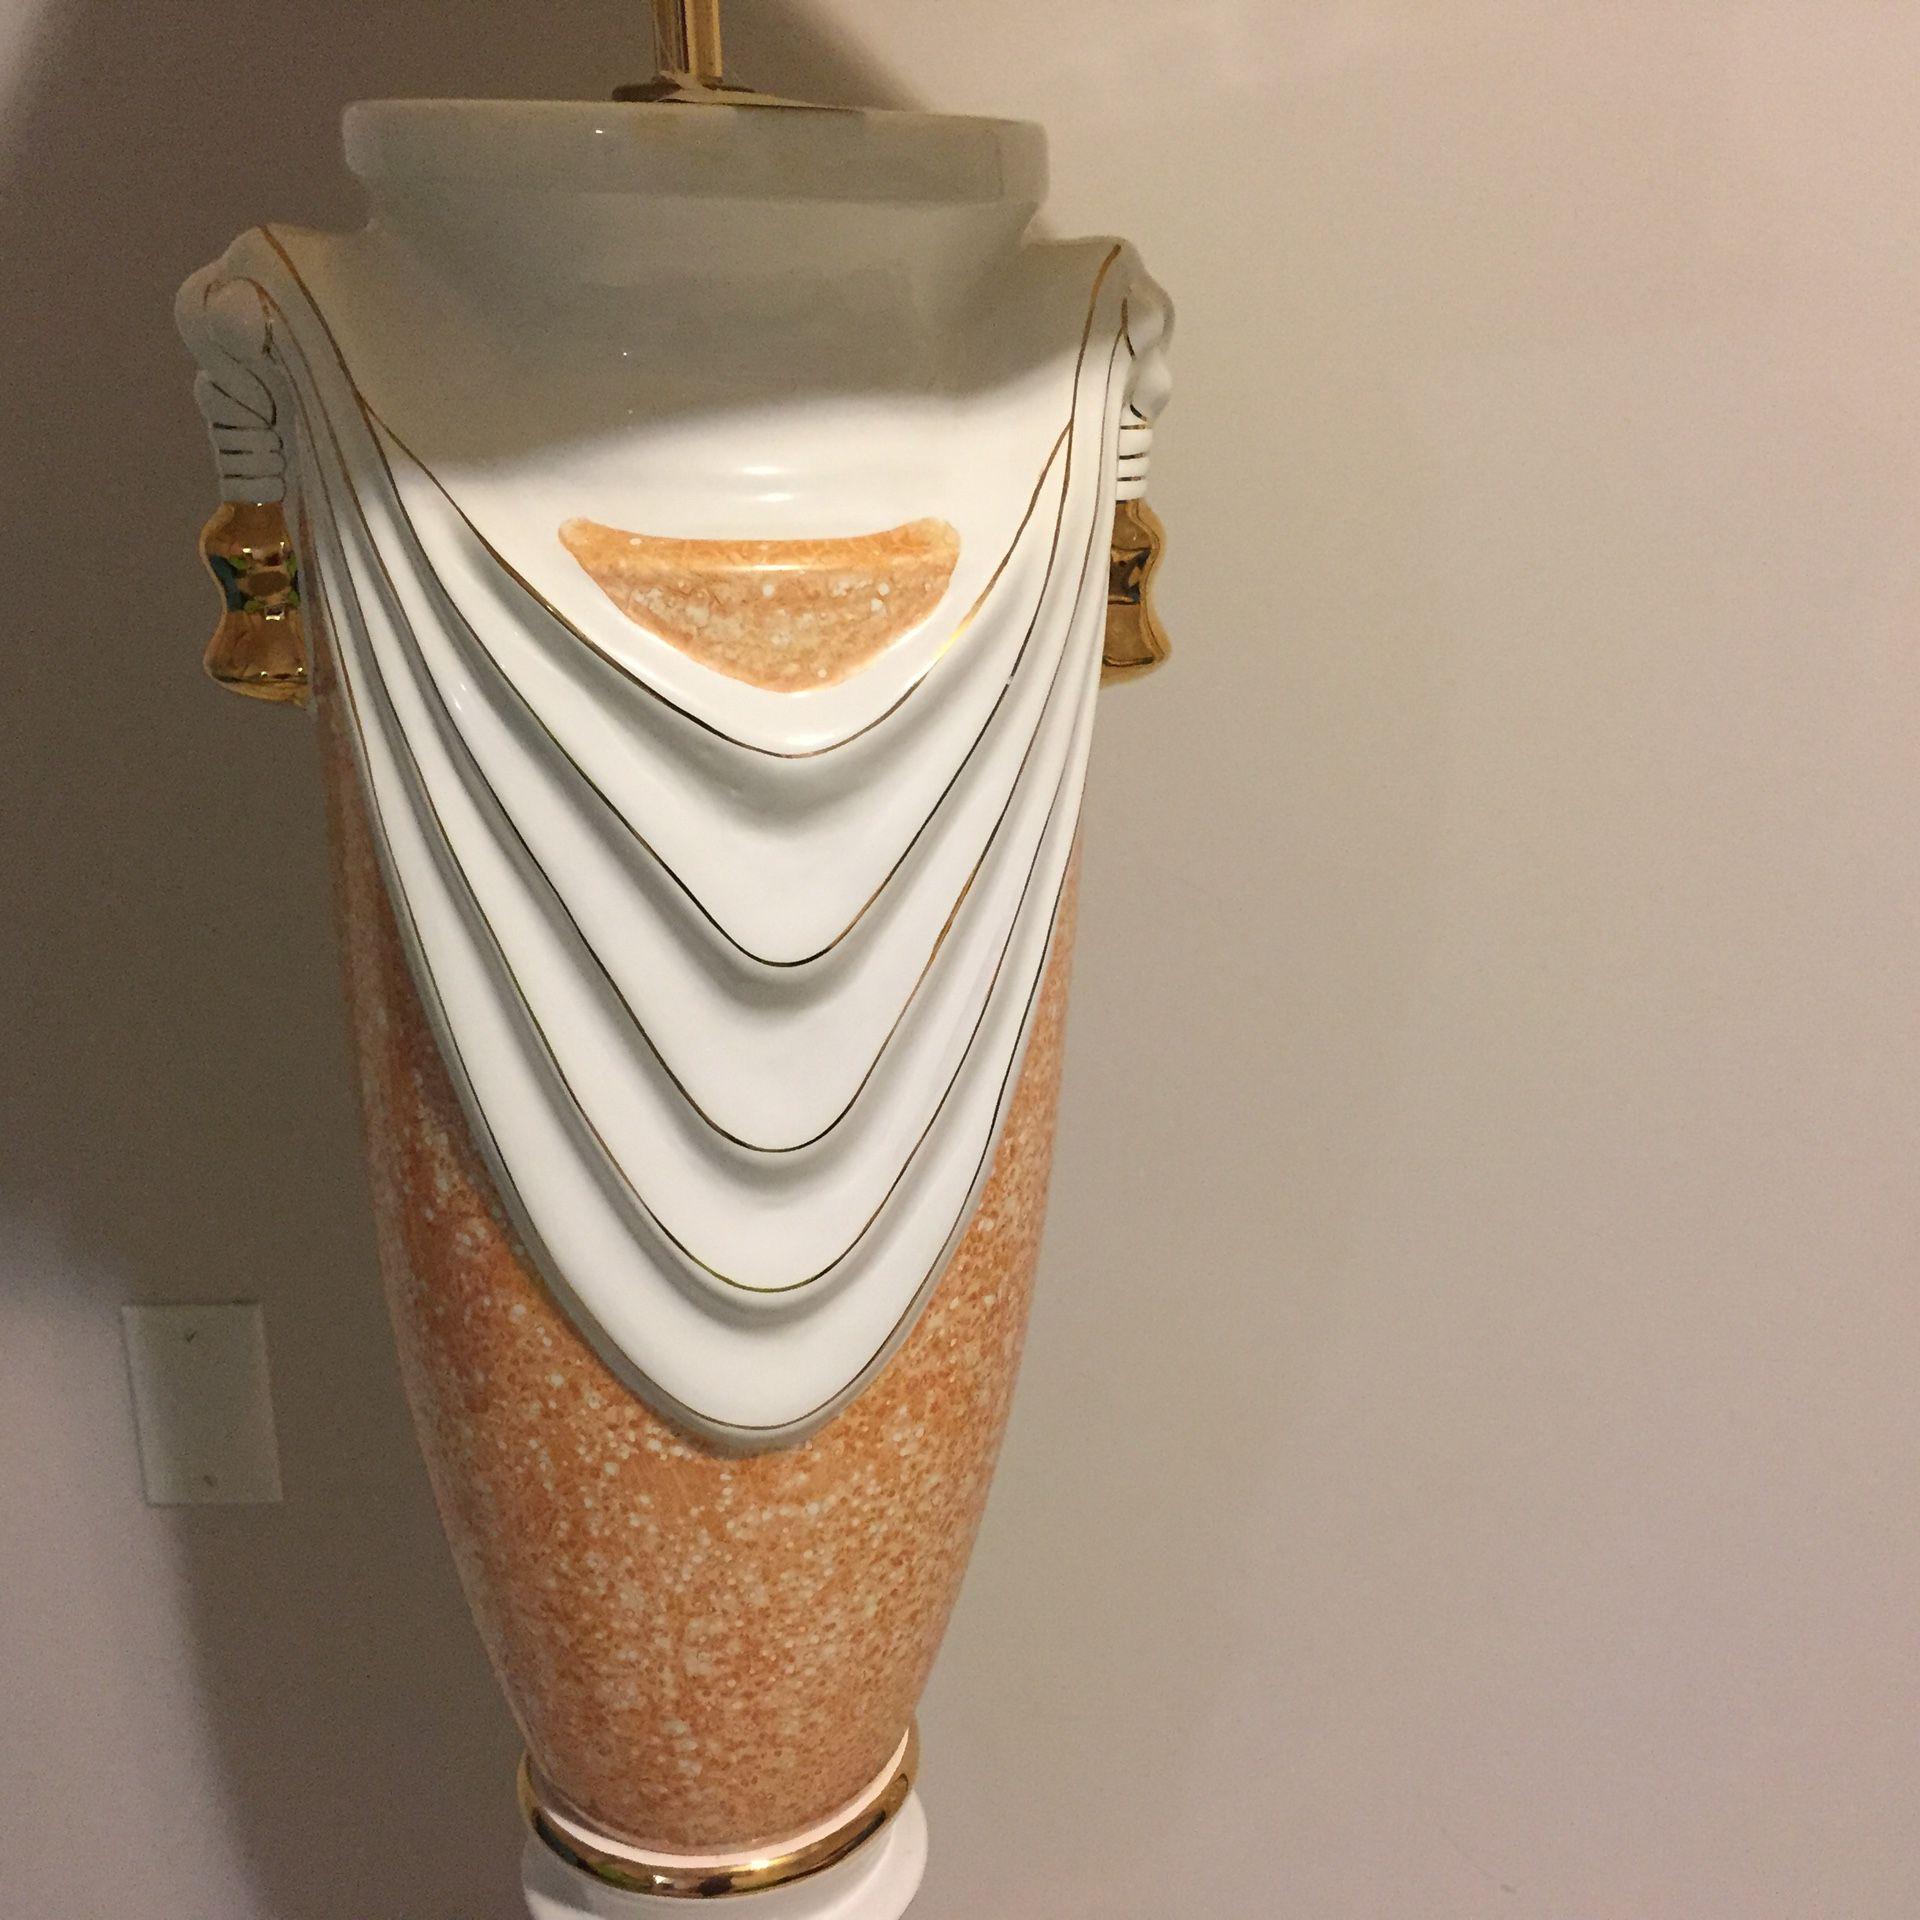 Nice porcelain floor lamp reg $120 now $100 brand new